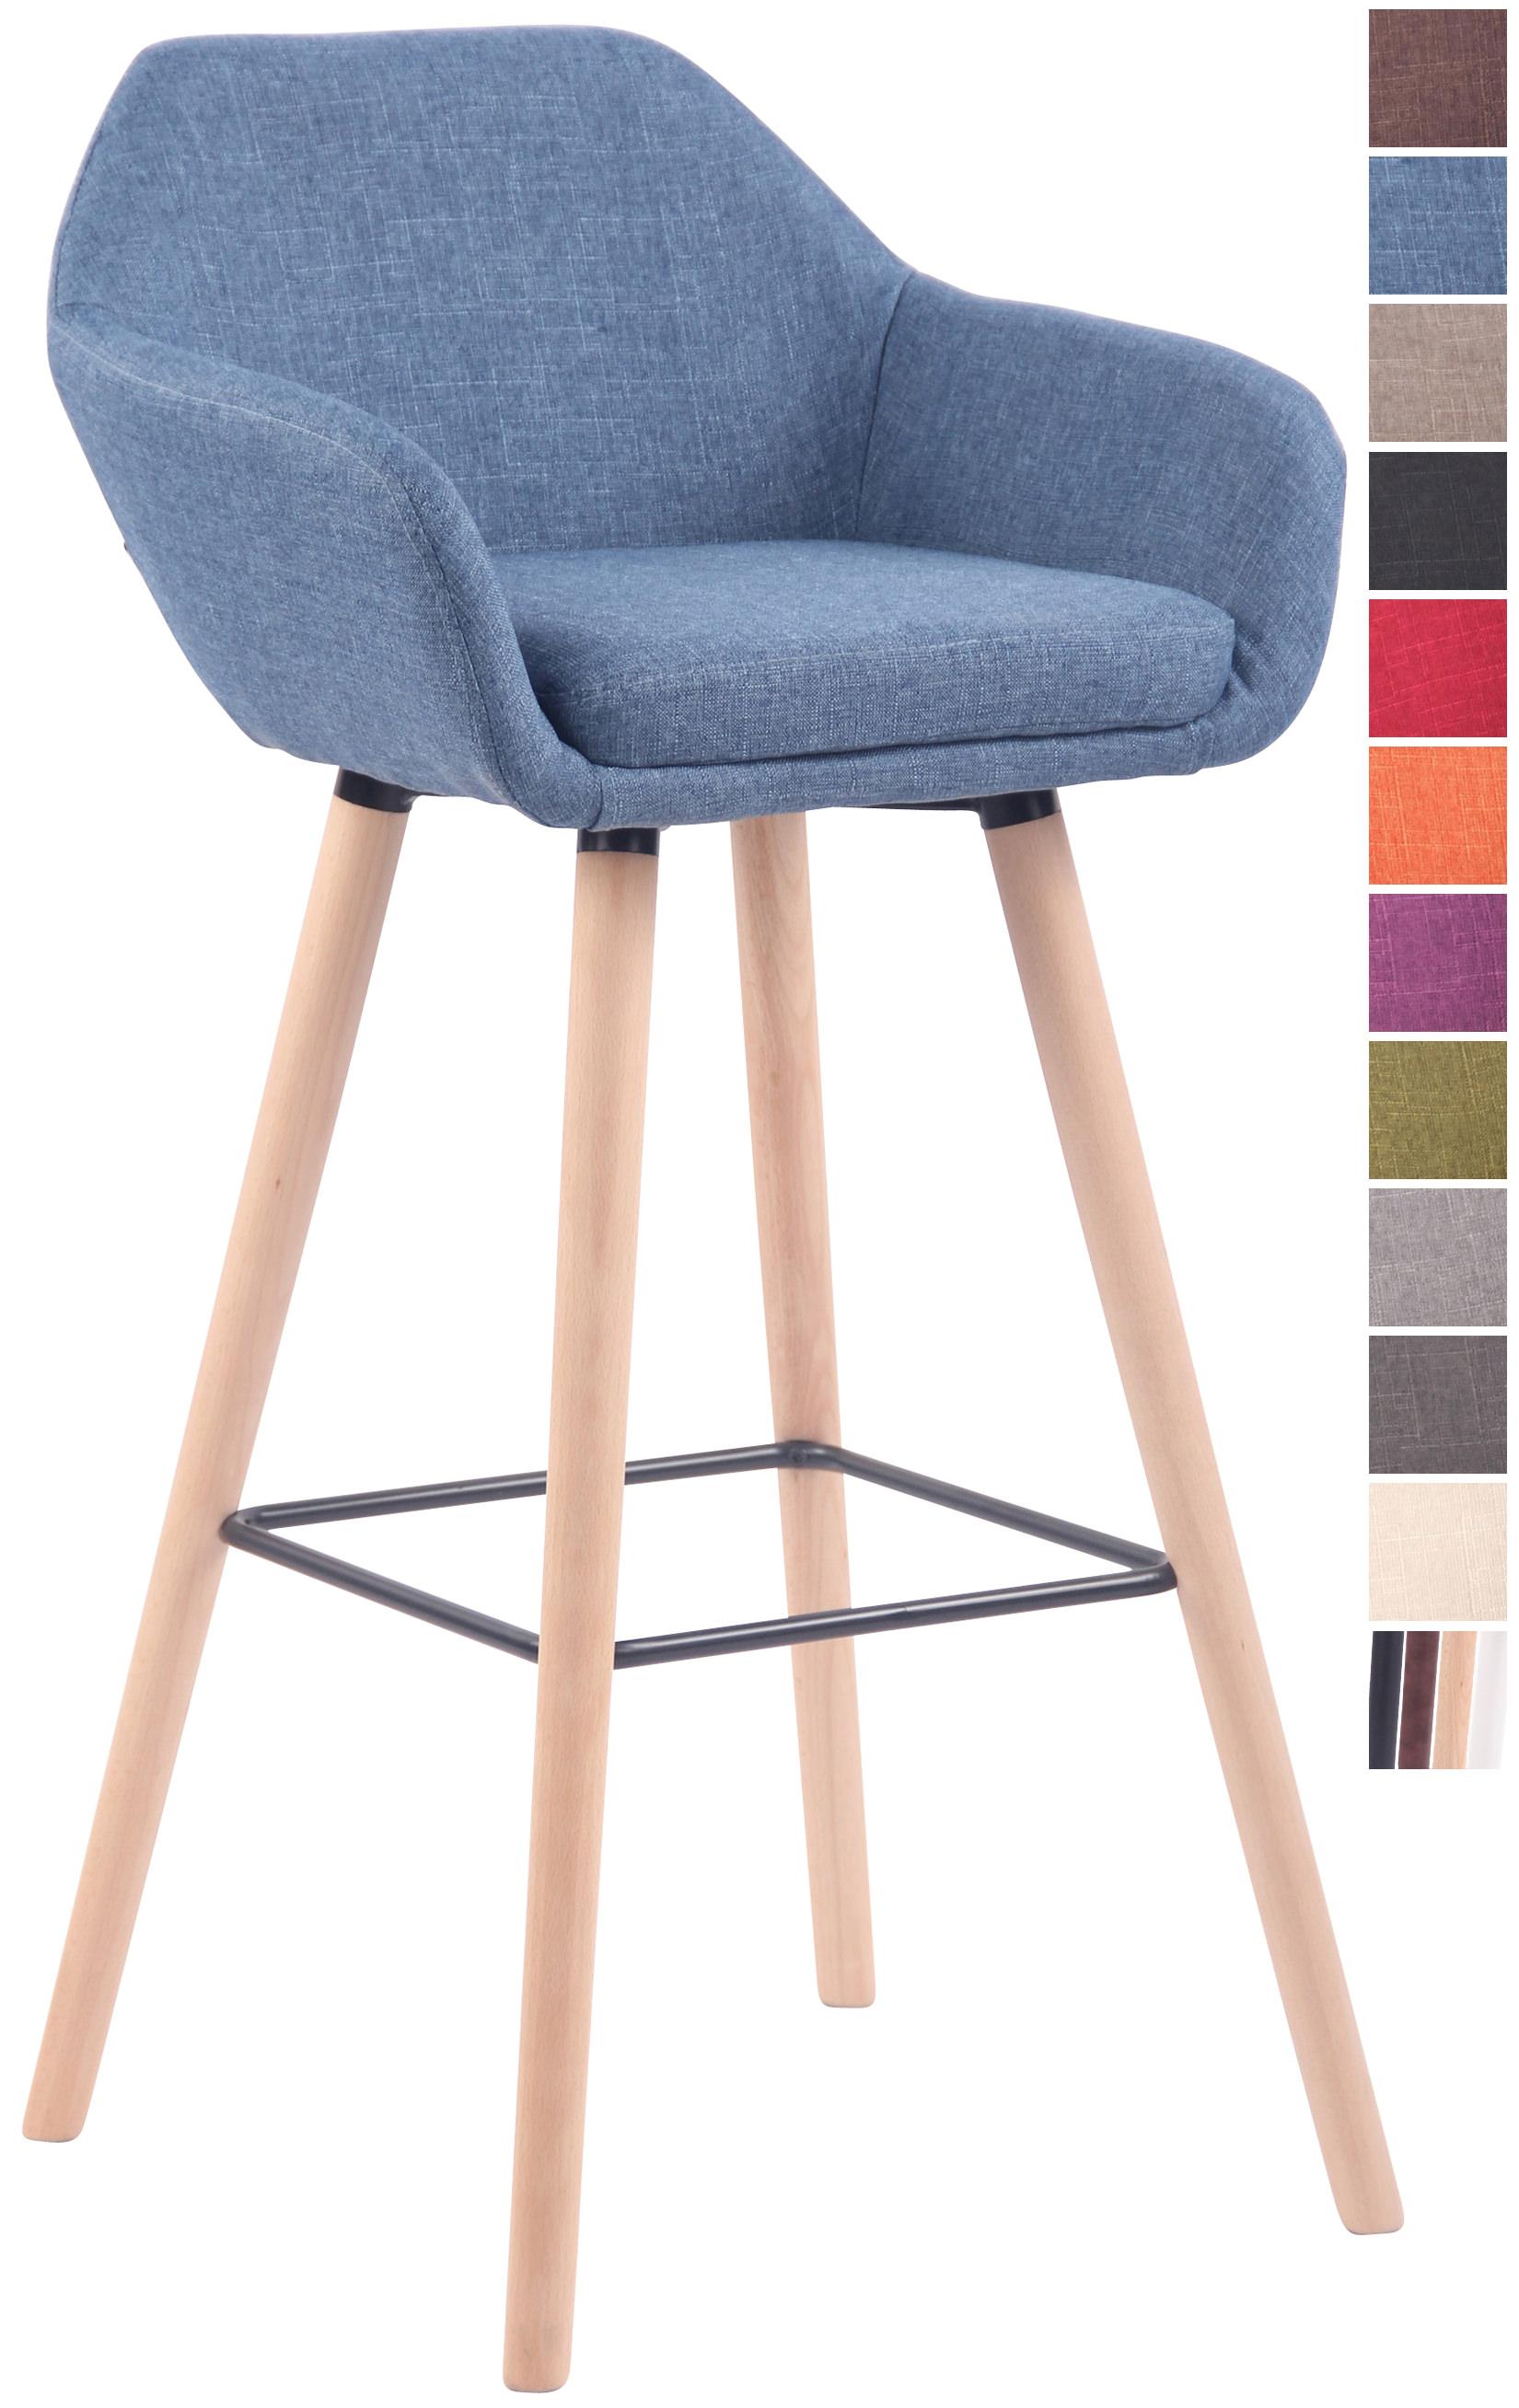 Bar Design Pour Maison chaise haute bar design - kumpalo.parkersydnorhistoric